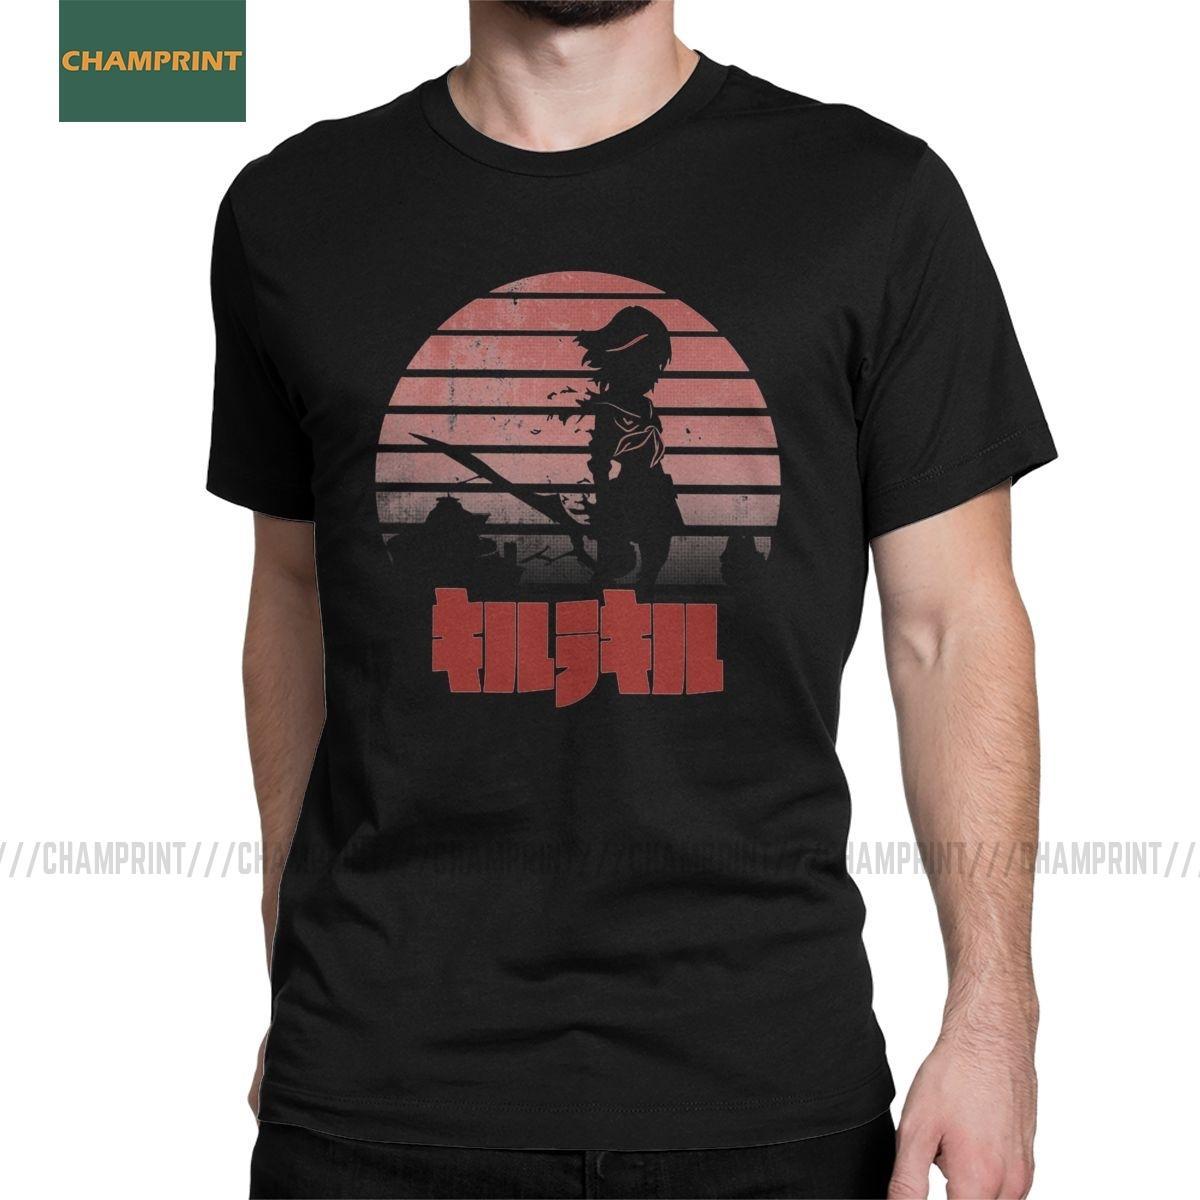 Hombres Akame Ga Kill Kill Kill La T Raid camisa de la noche animado Tatsumi Elfen Lied Hellsing algodón de manga corta camisetas Gift Idea Camisetas